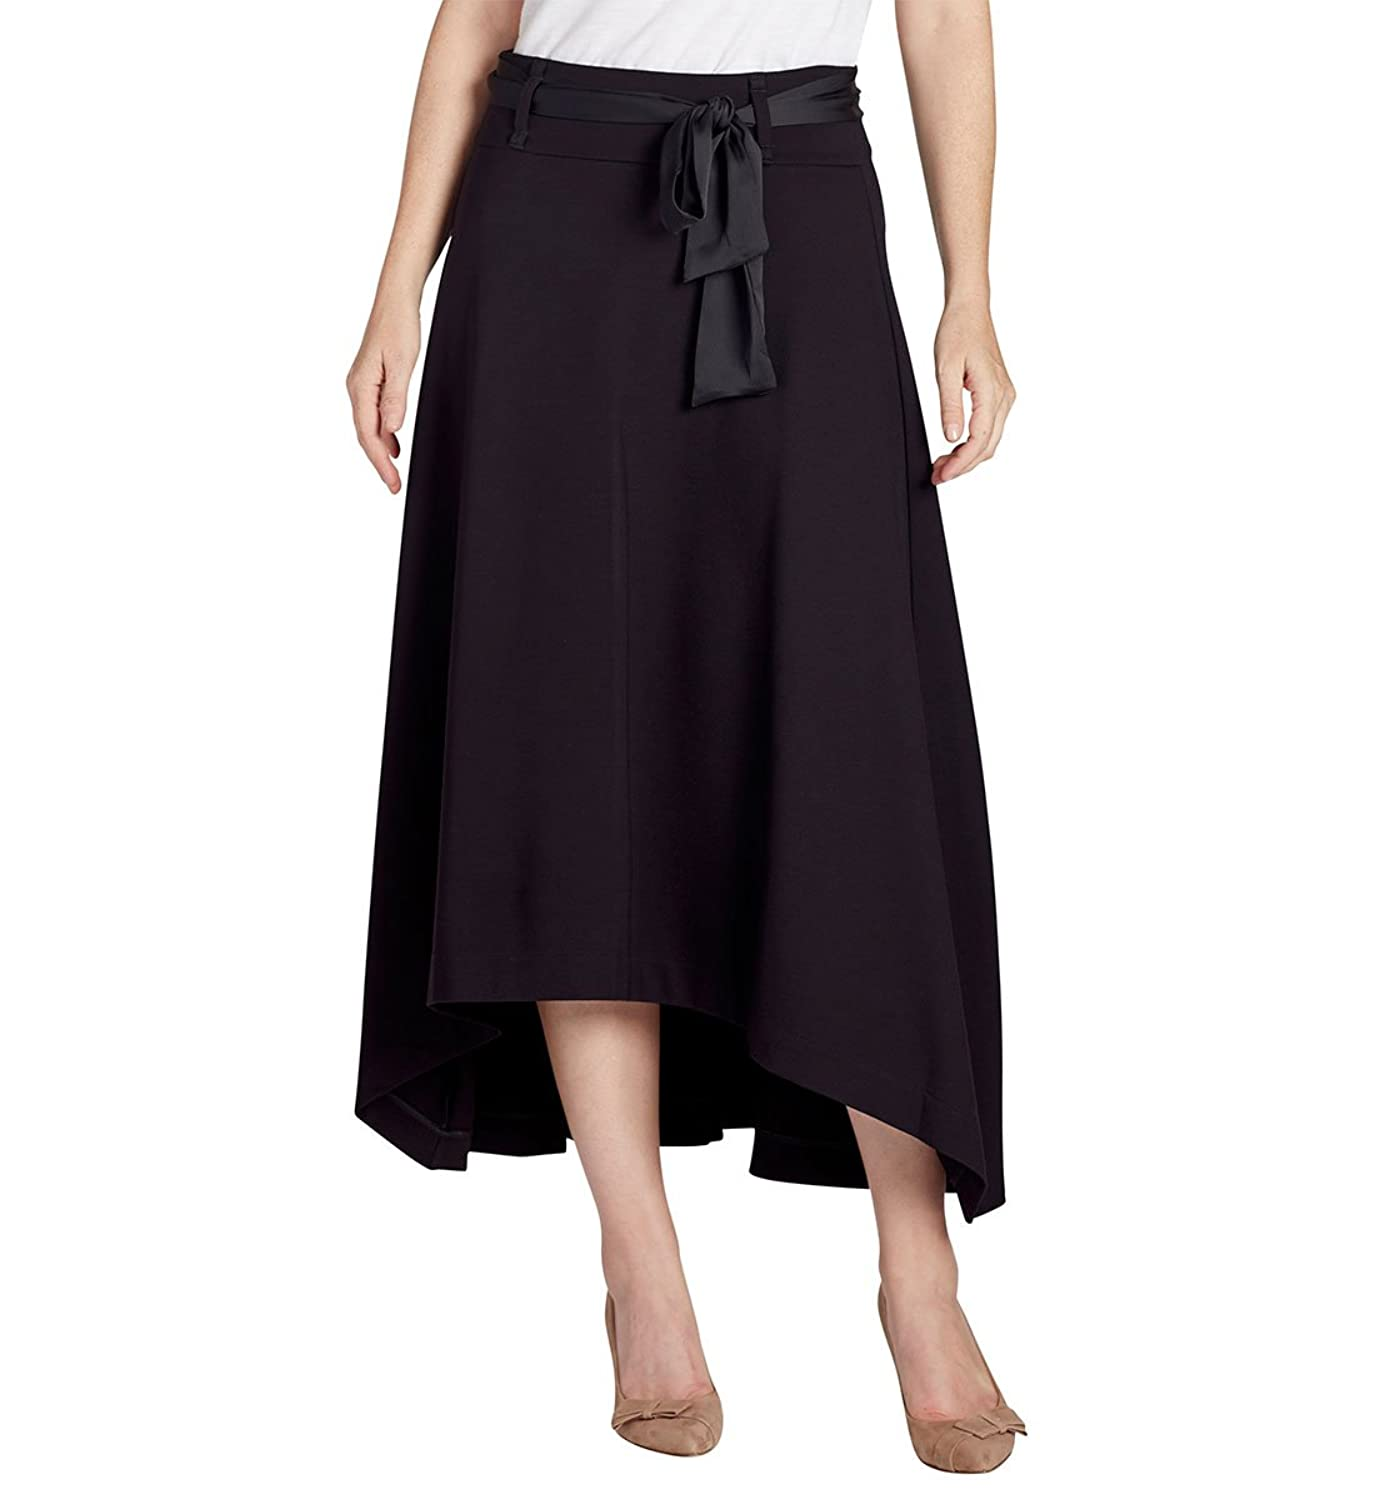 JAG Jeans Women's Meredith Skirt